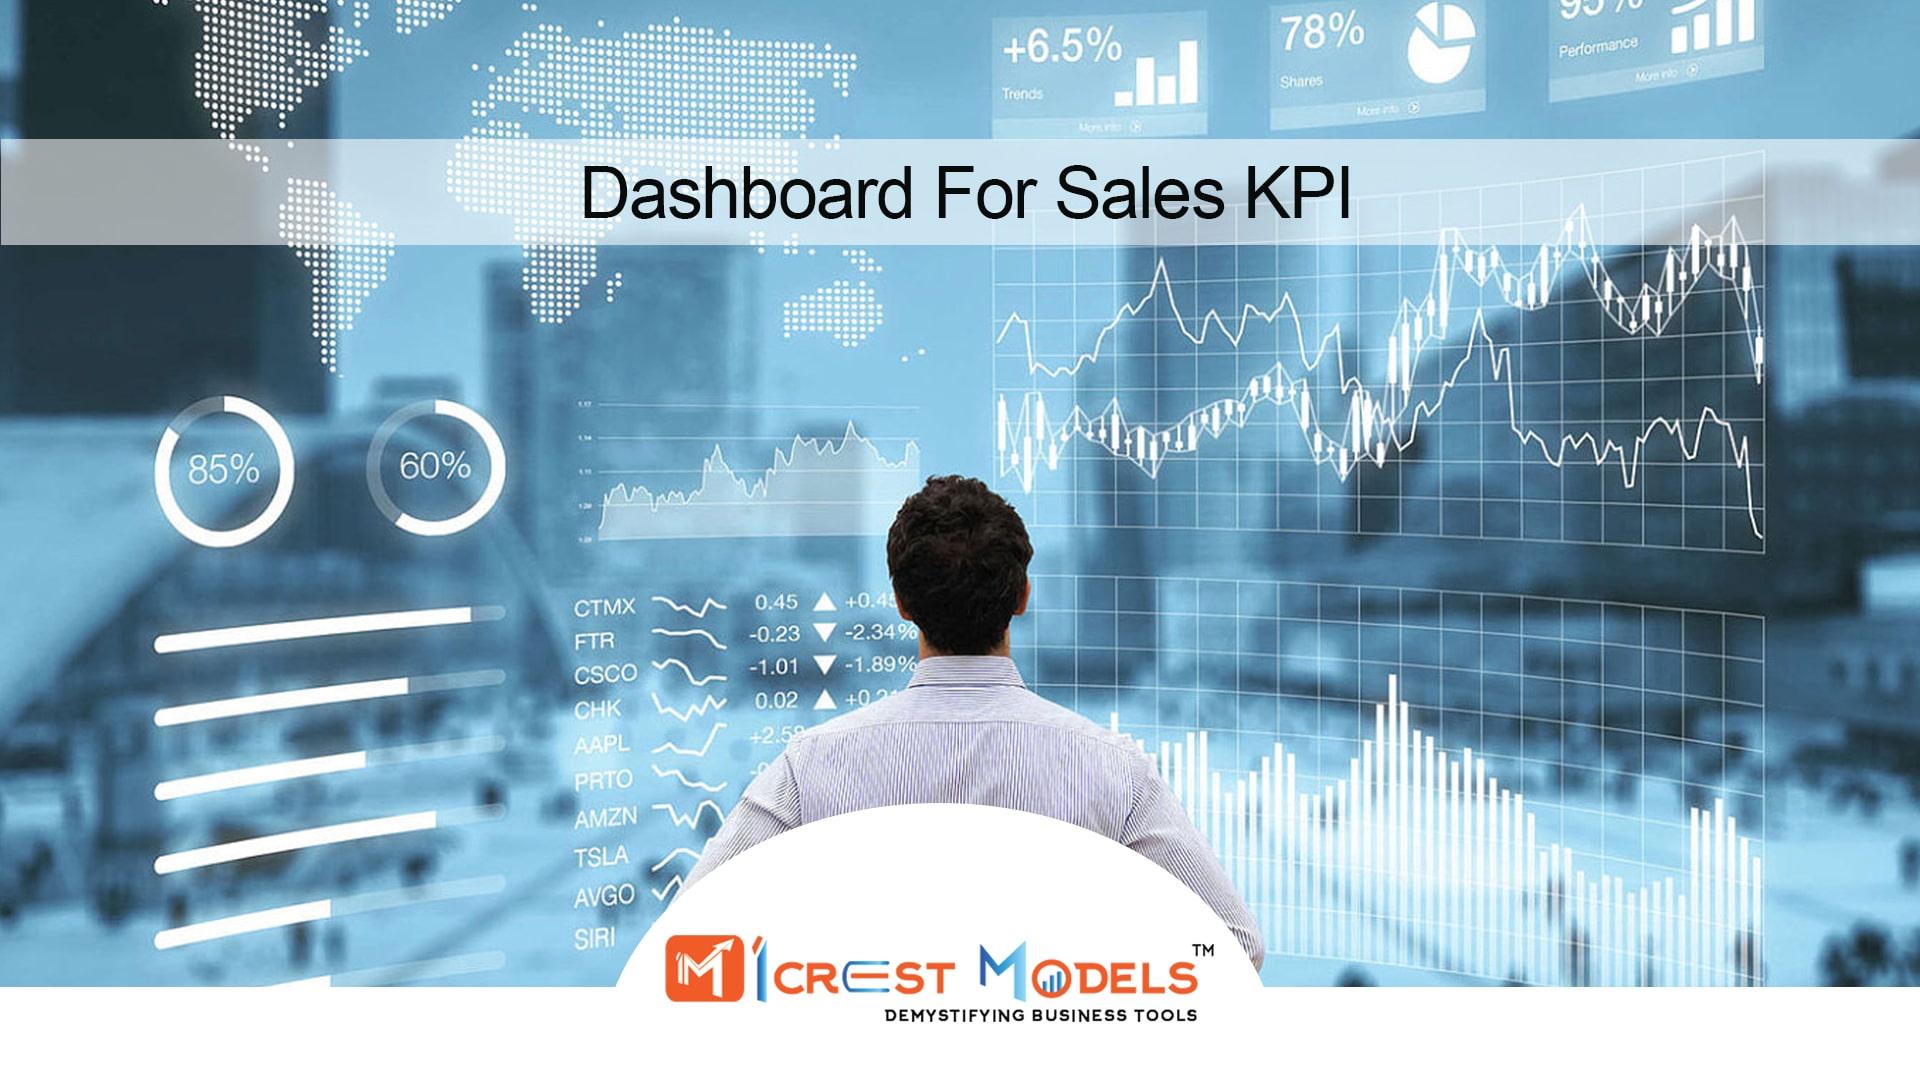 Dashboard For Sales KPI